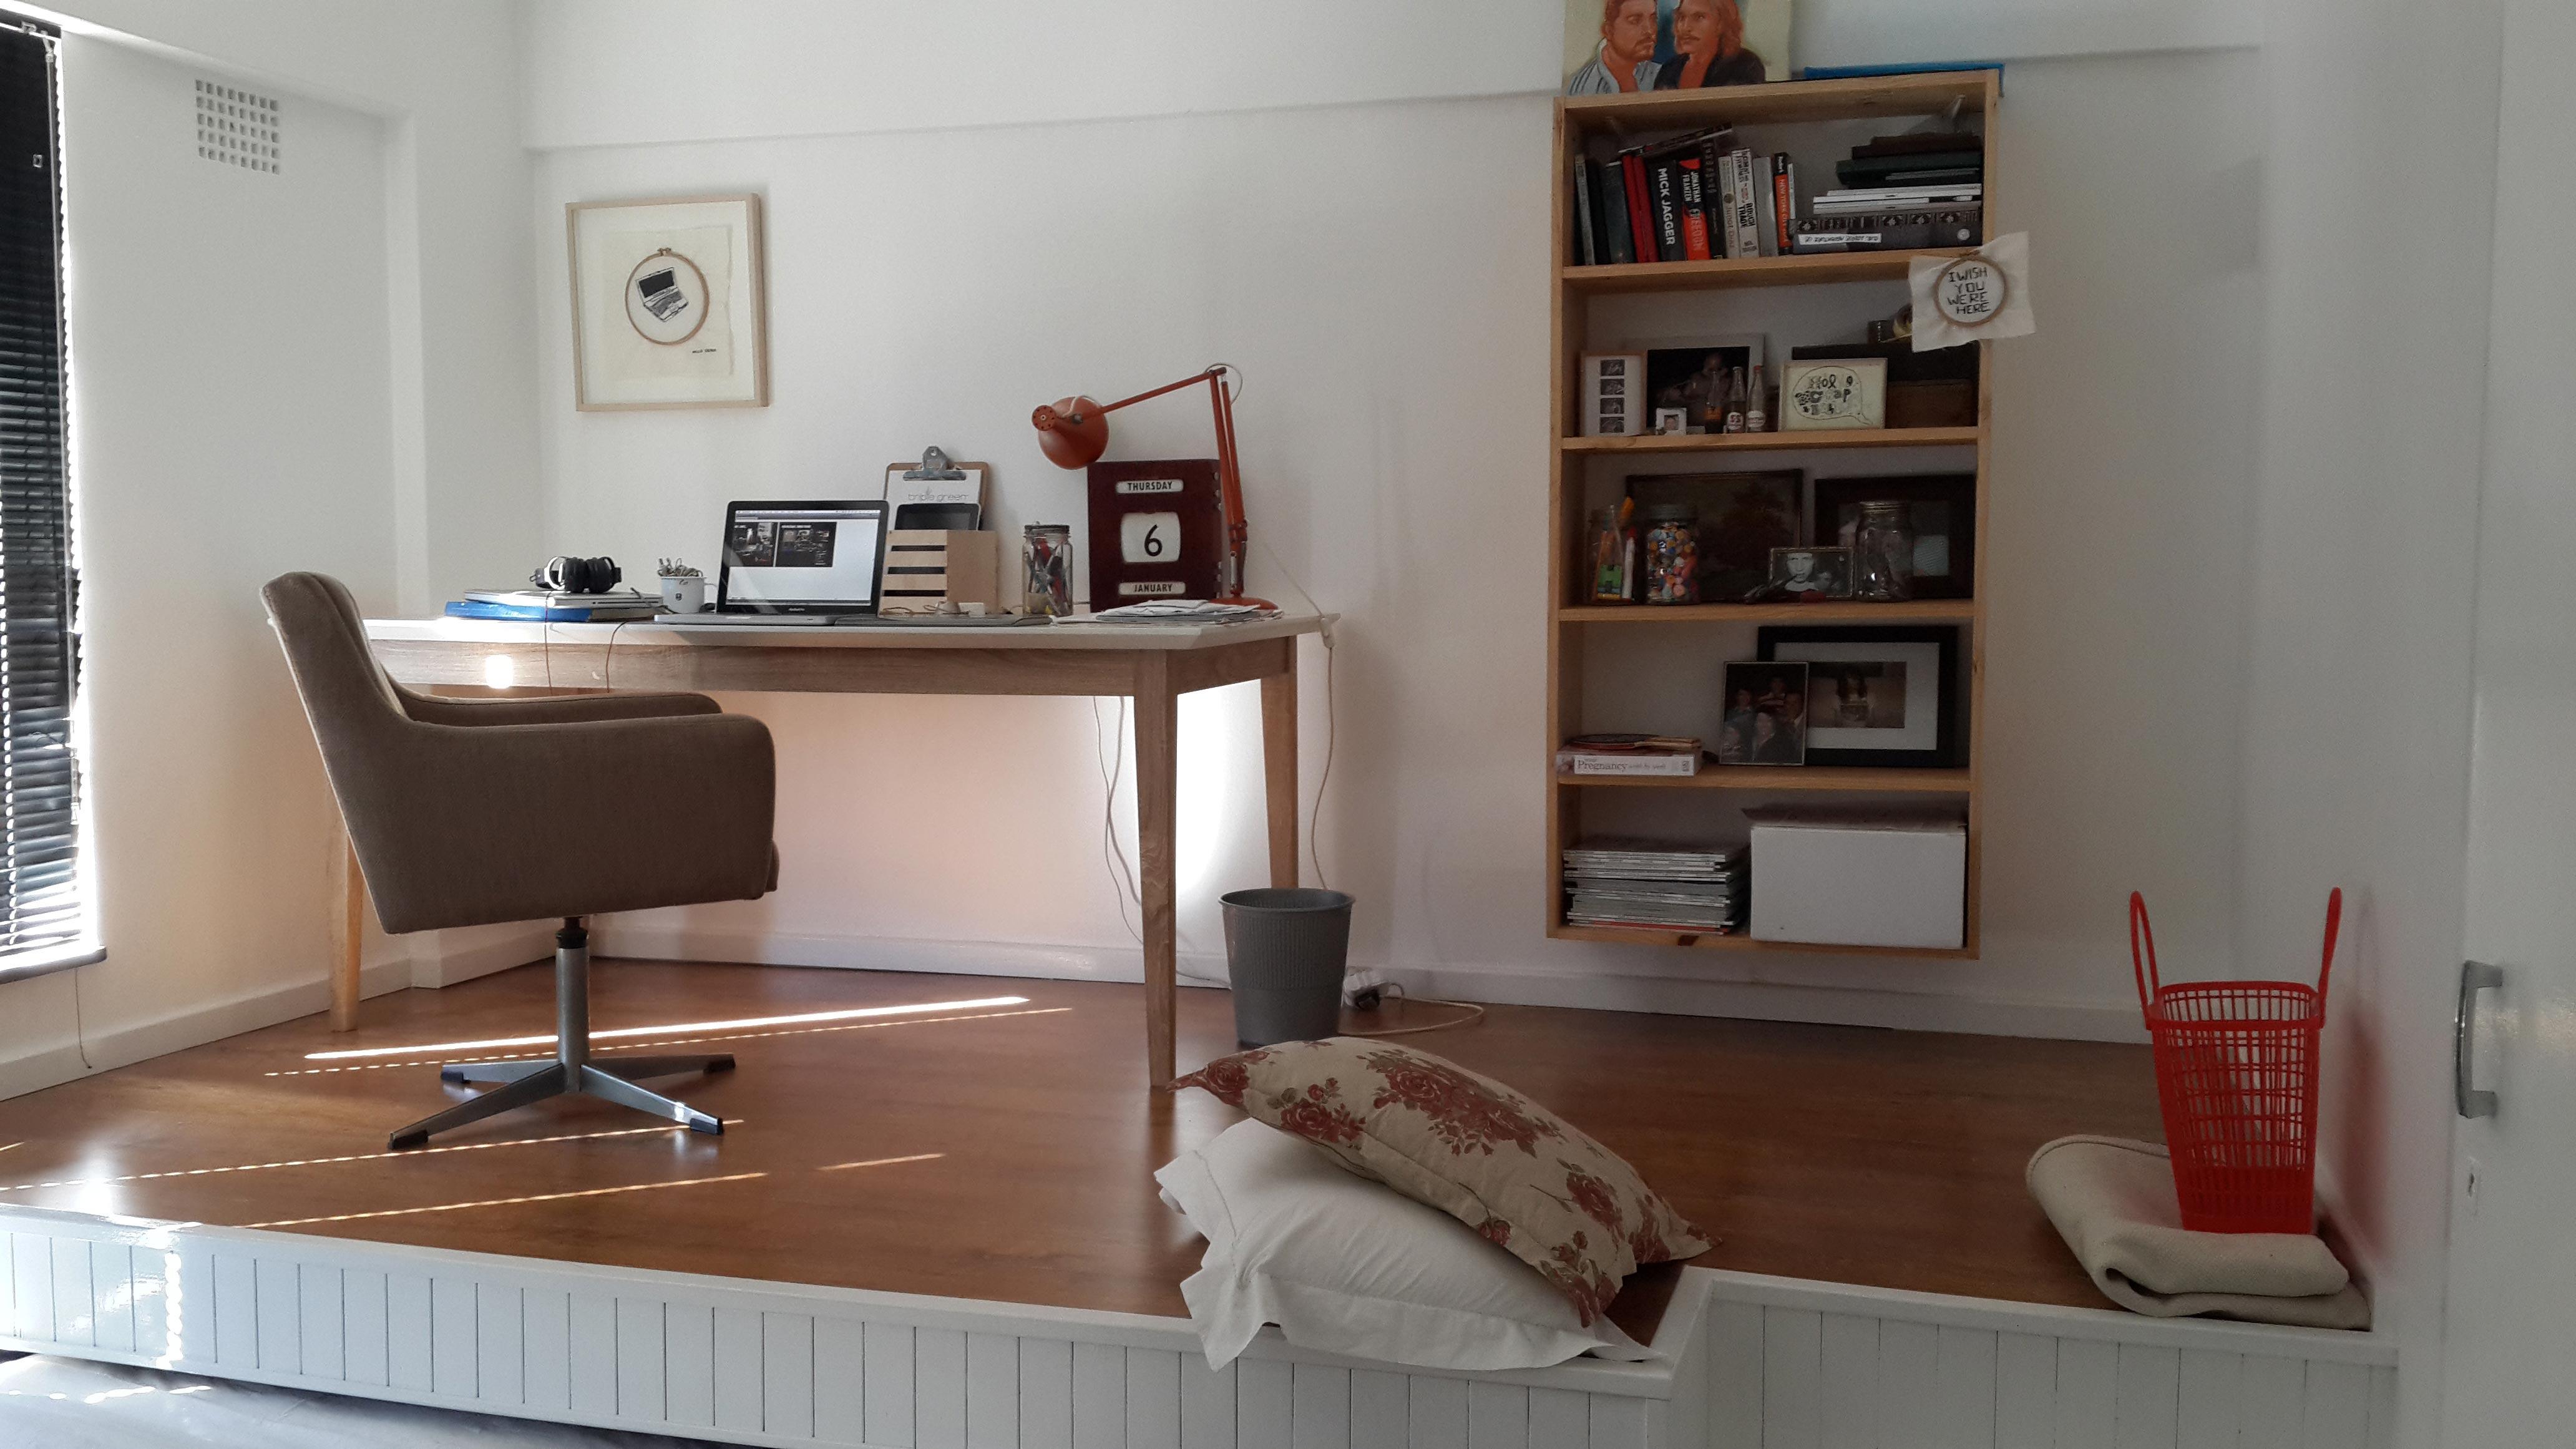 Dormitorio Oficina ~ Tenía una habitación pequeña, pero la convirtió en esto